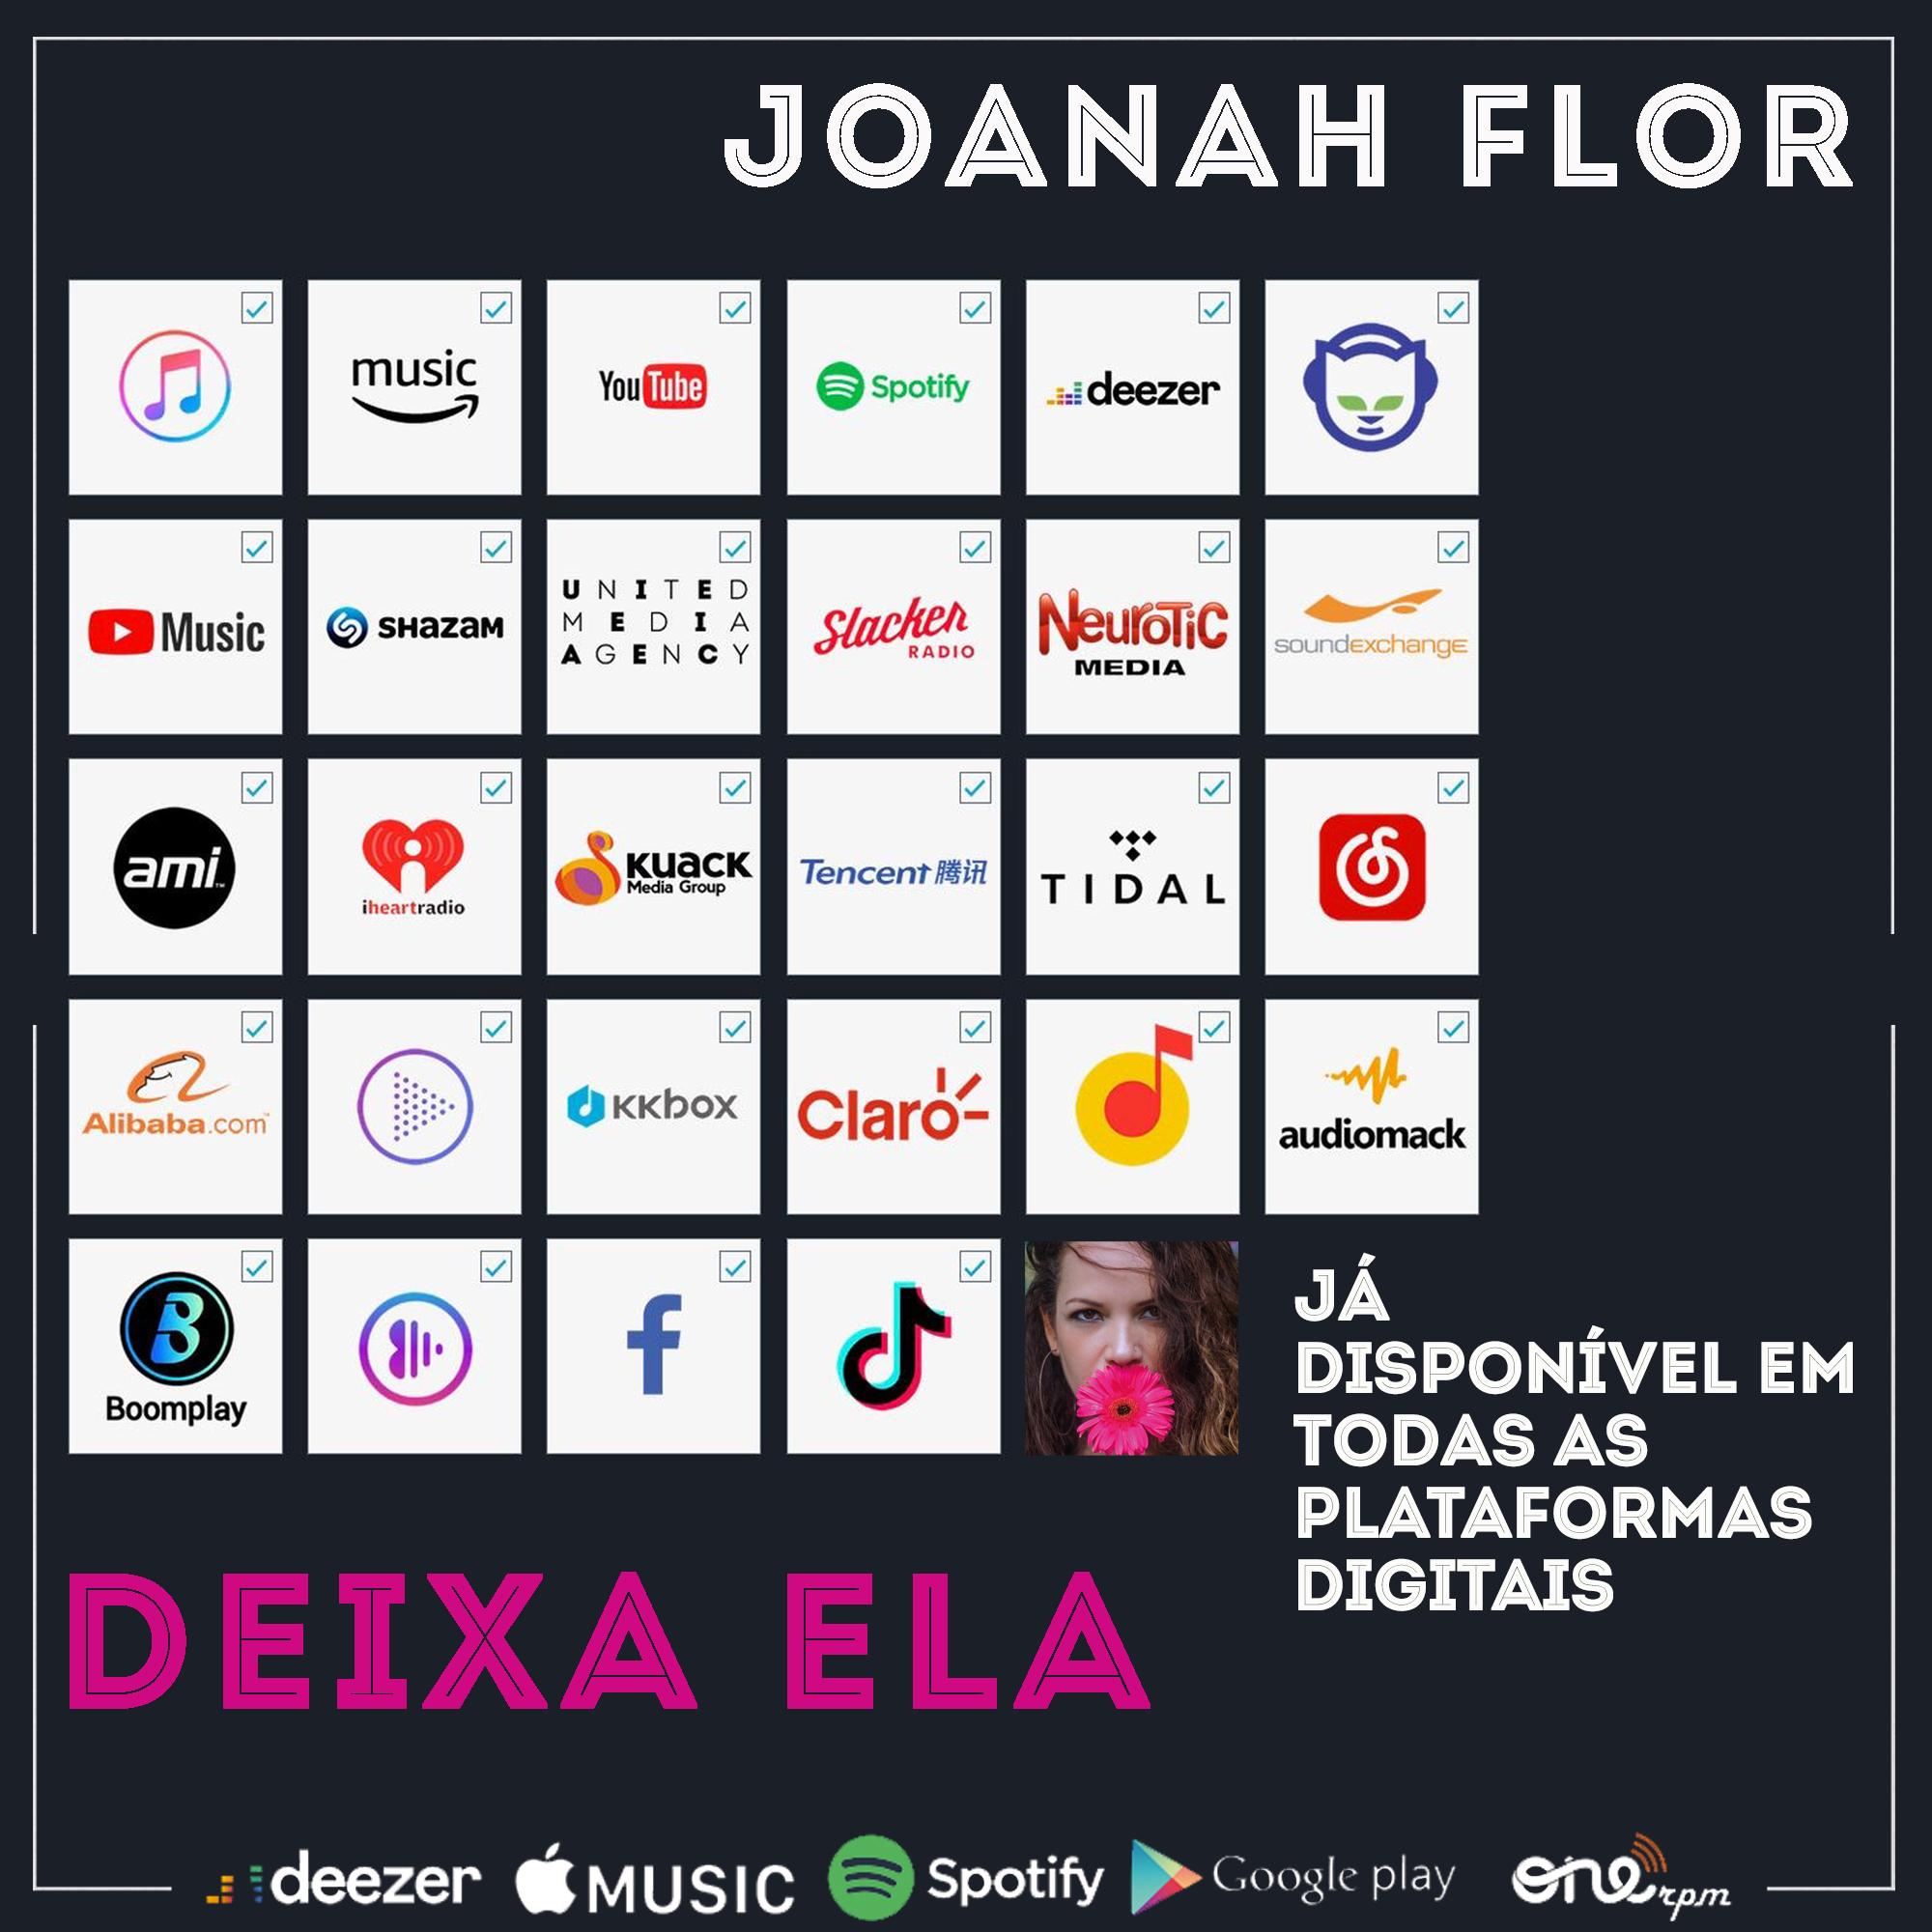 INSTA JoanahFlor RGB 1000x v4